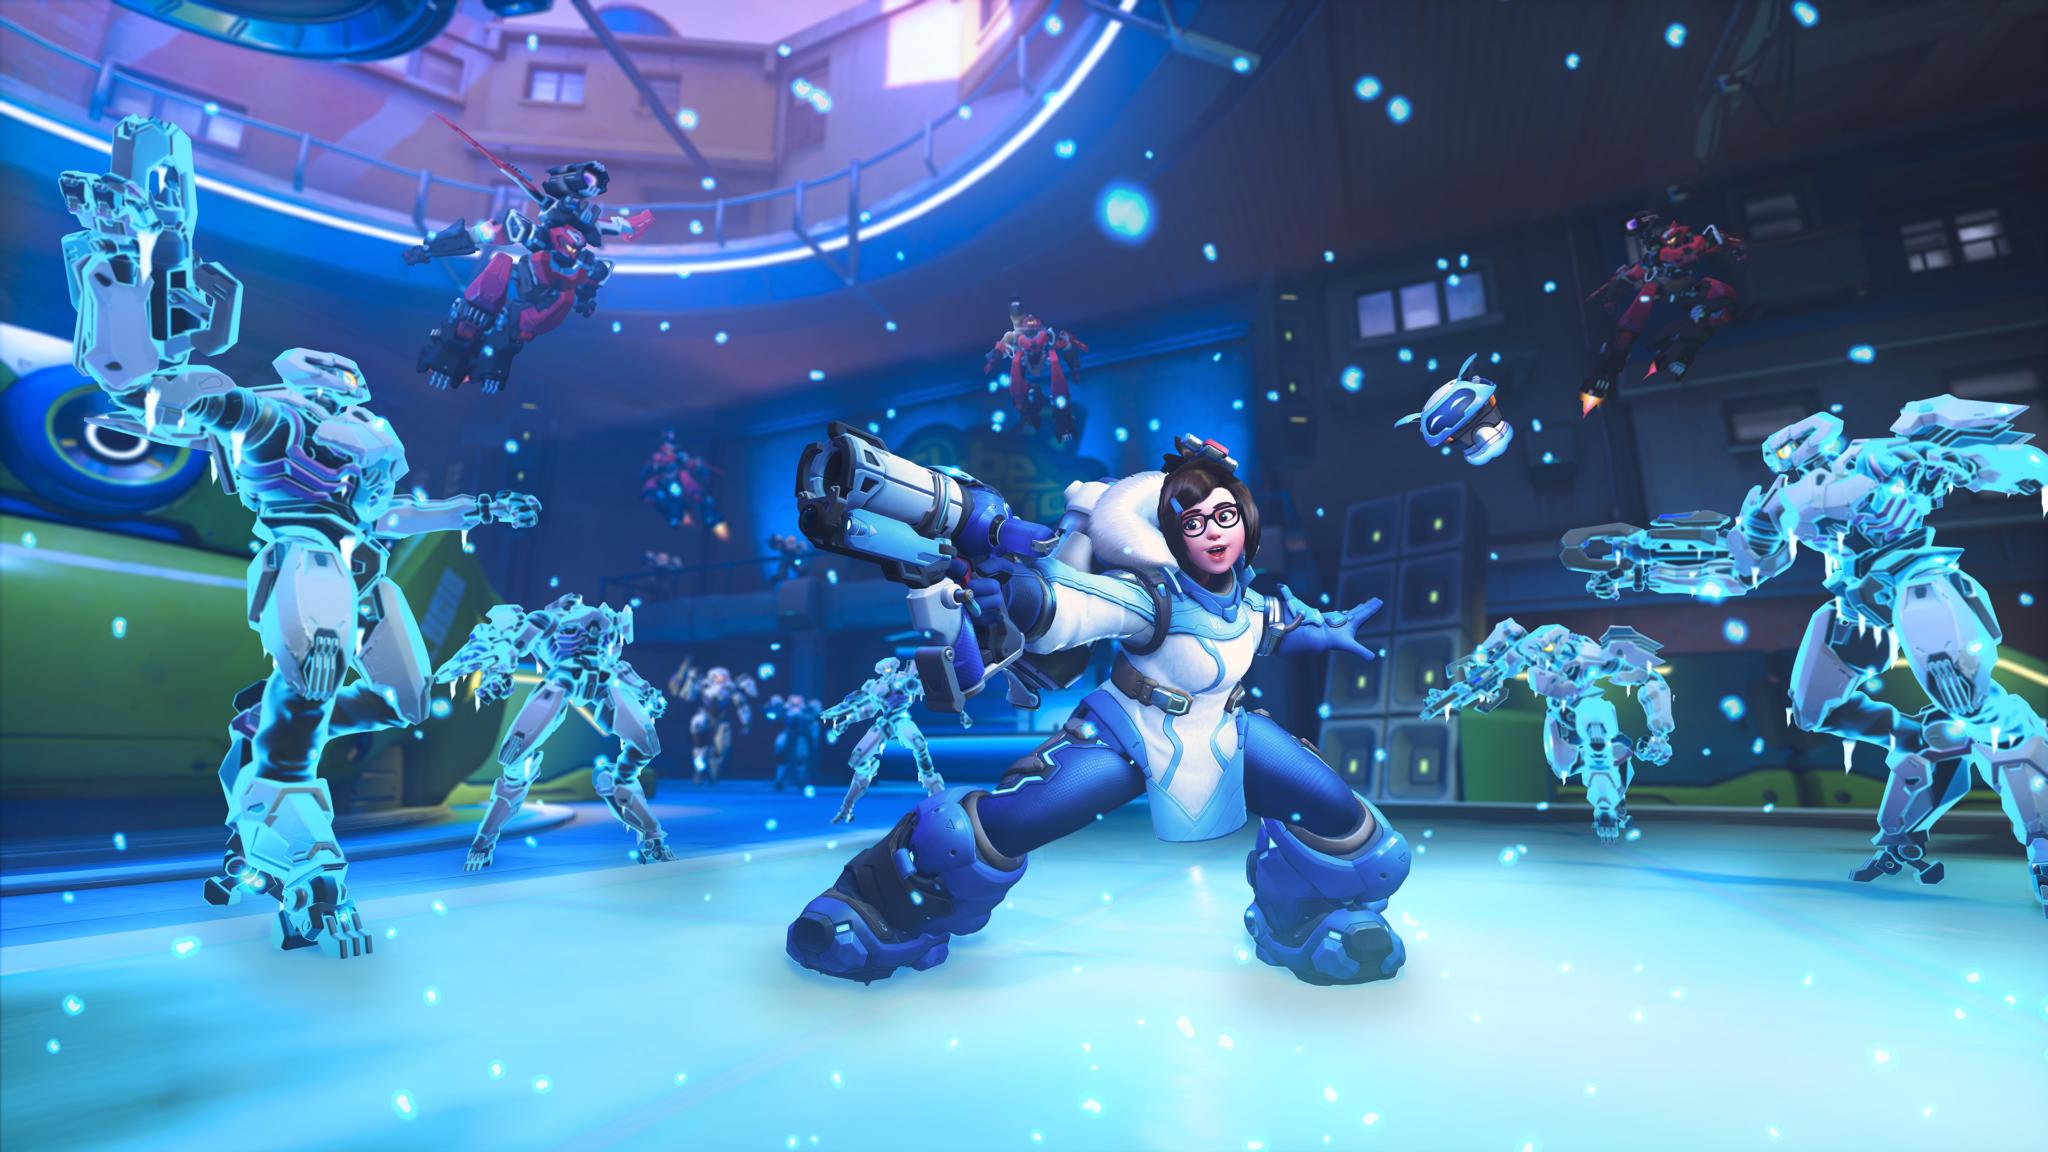 Mei Overwatch freezing enemies